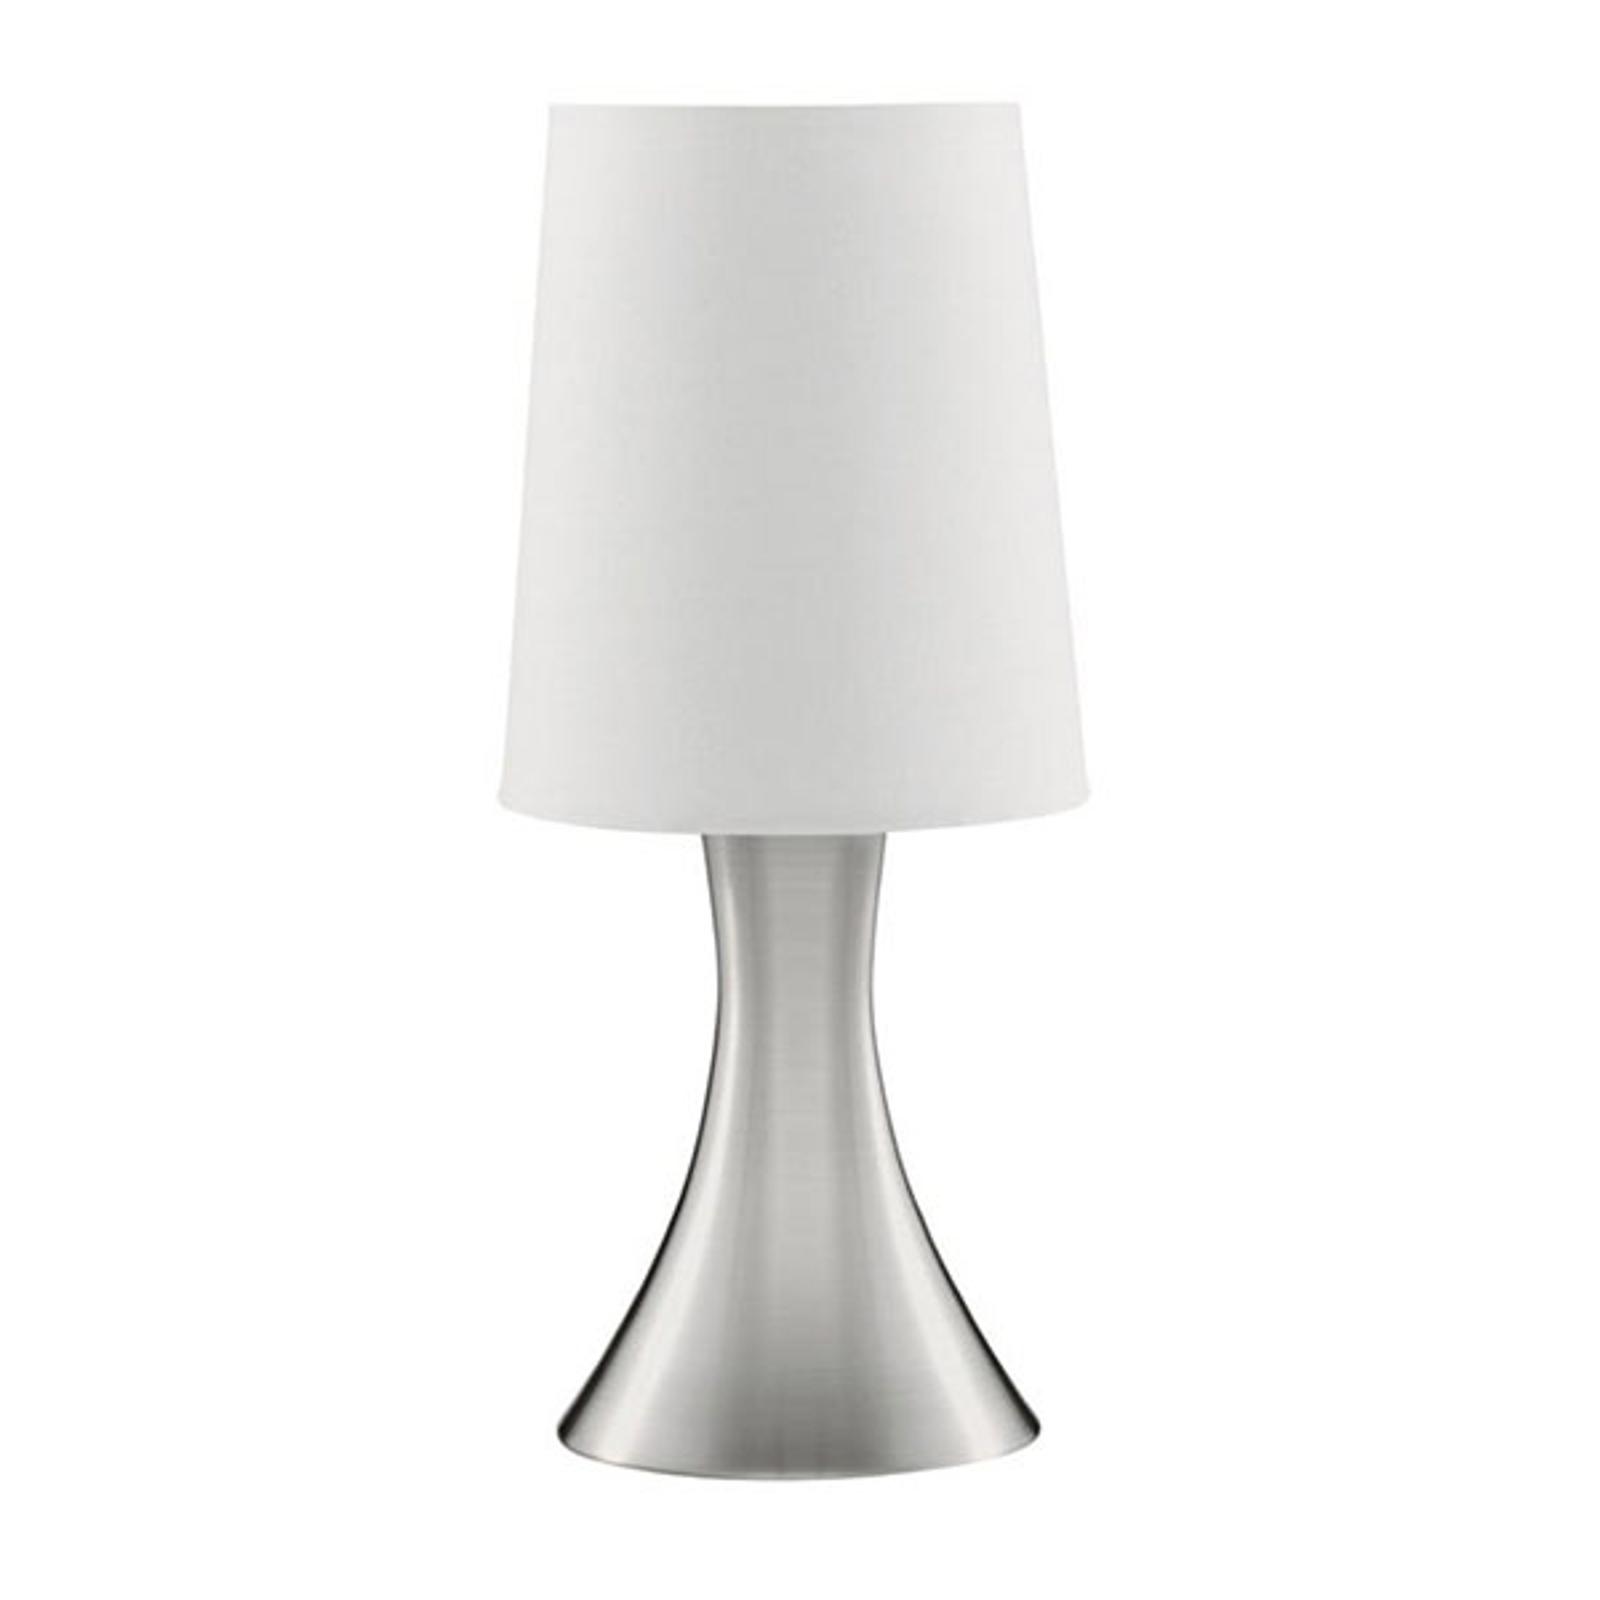 Pöytälamppu Touch 3922, hopea satiini